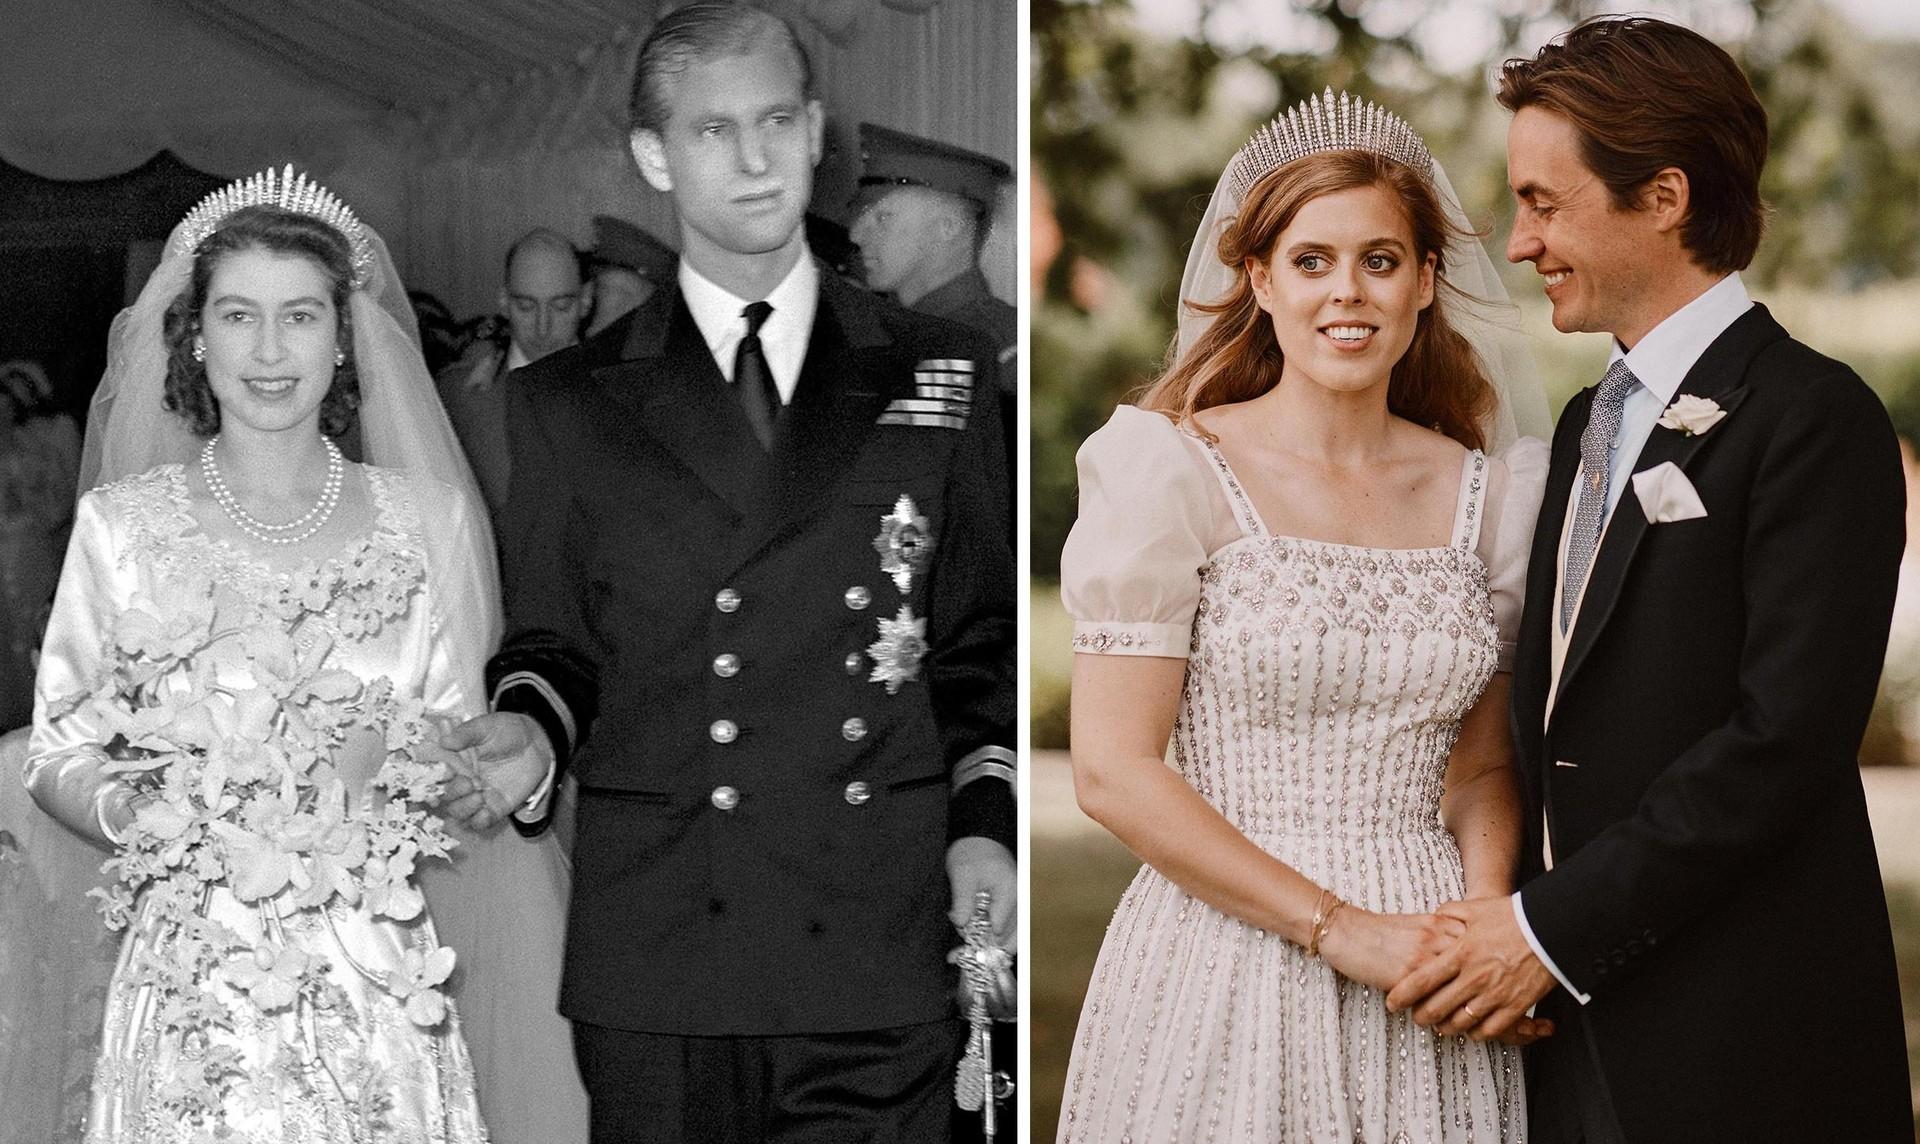 Il matrimonio di Elisabetta II nel 1947 e il matrimonio della principessa Beatrice nel 2020